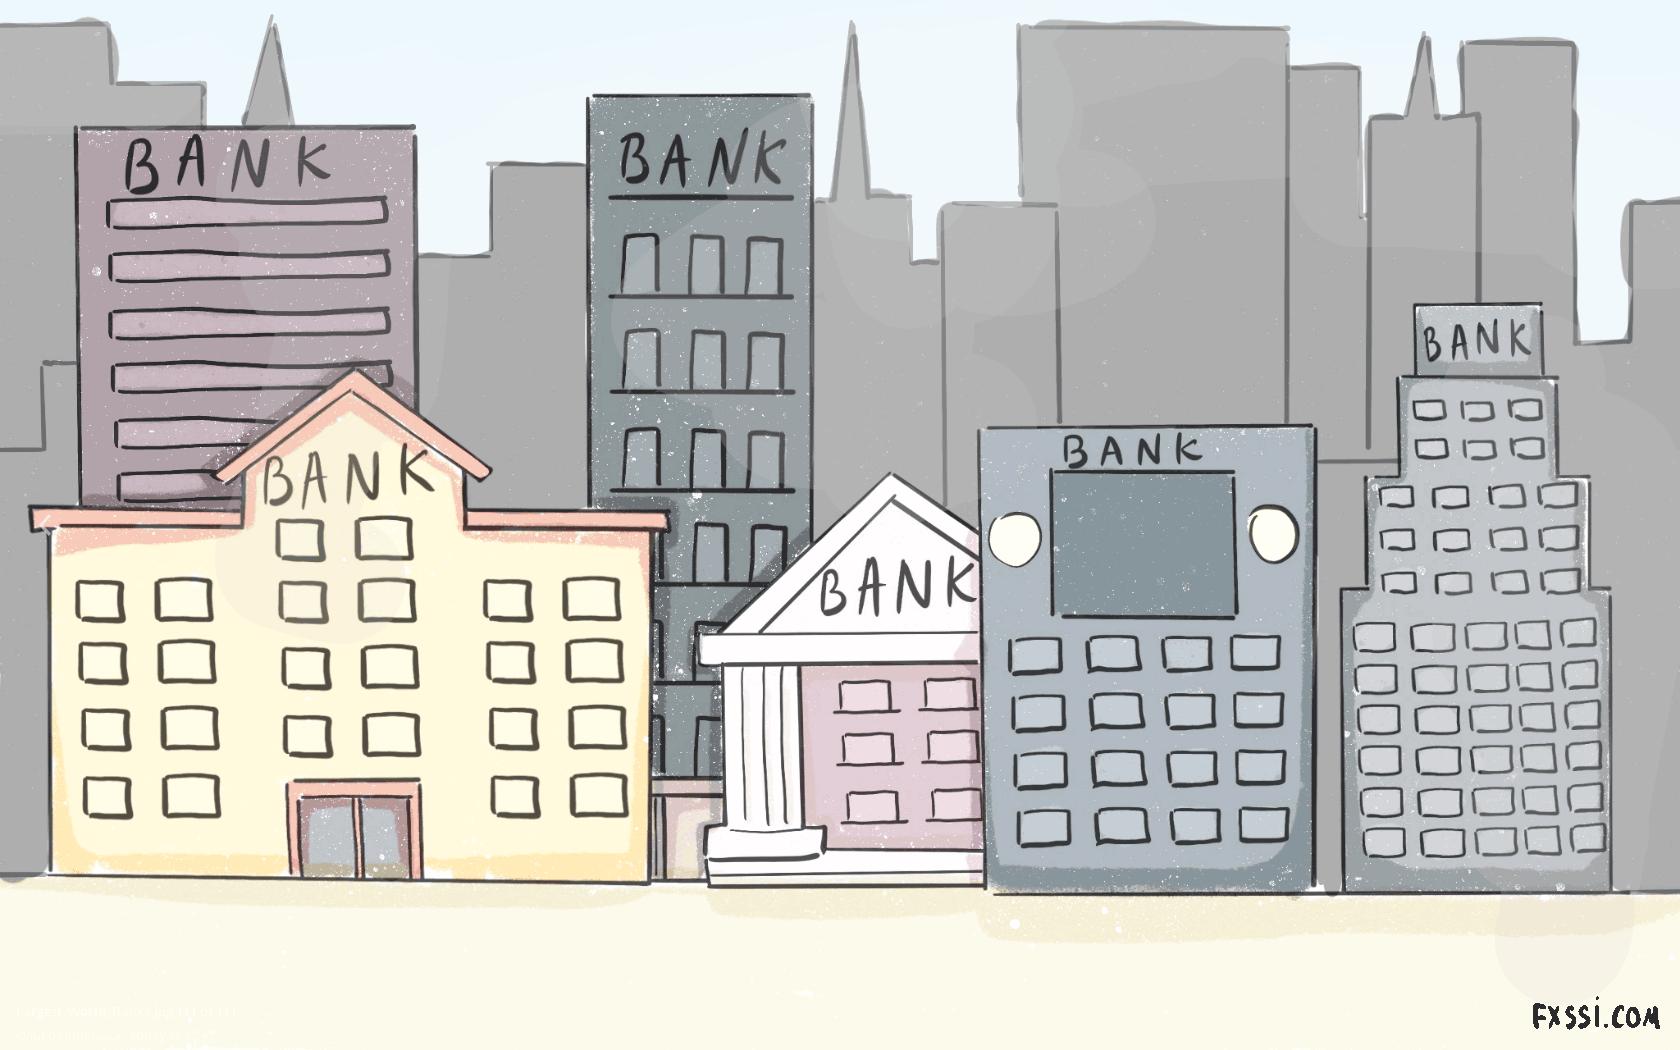 Коммерческий банк: принципы деятельности, виды и функции